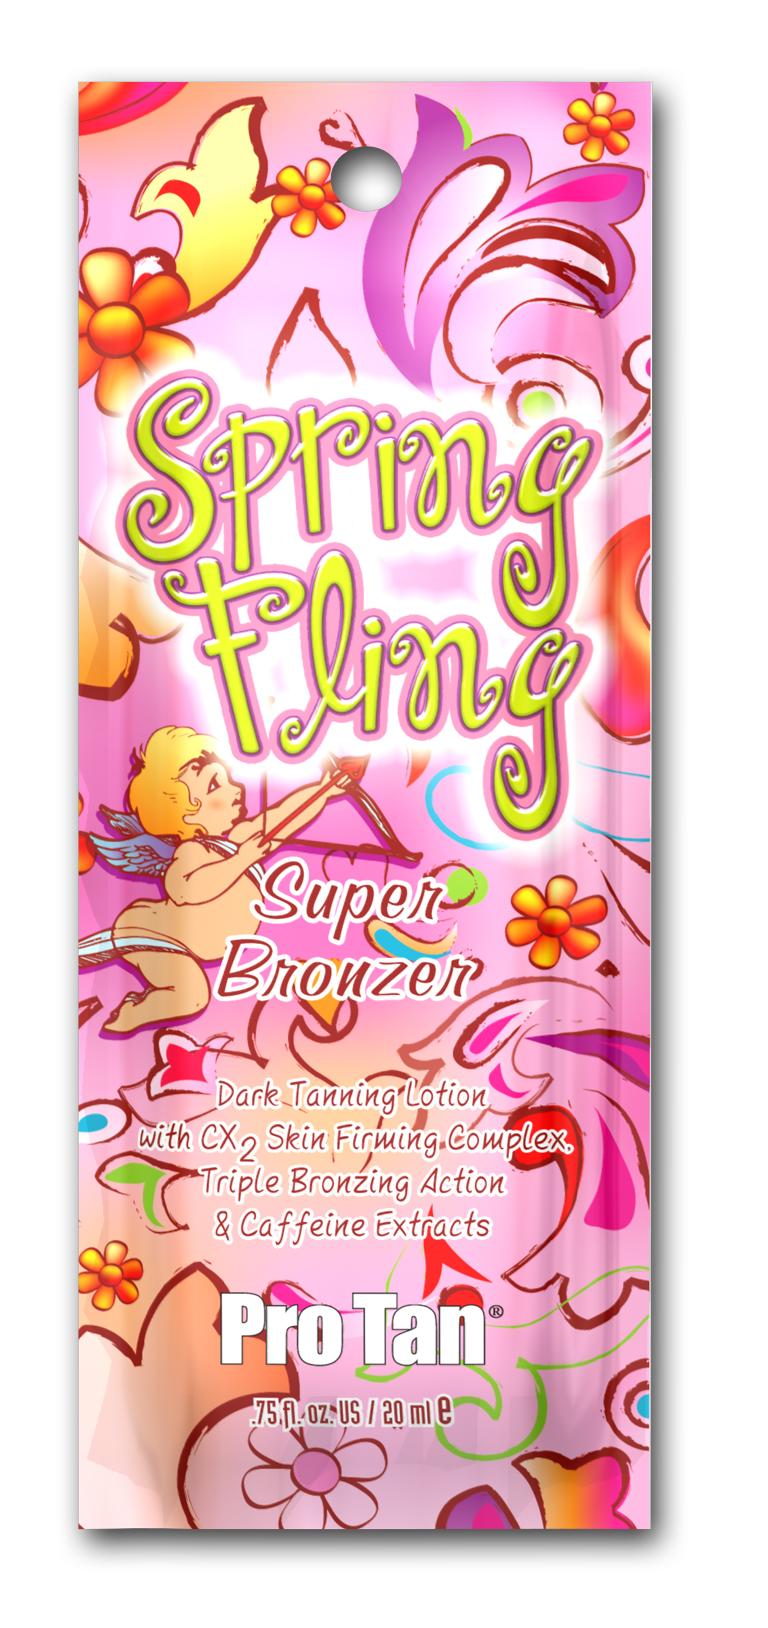 Spring Fling® Super Bronzer Pkt